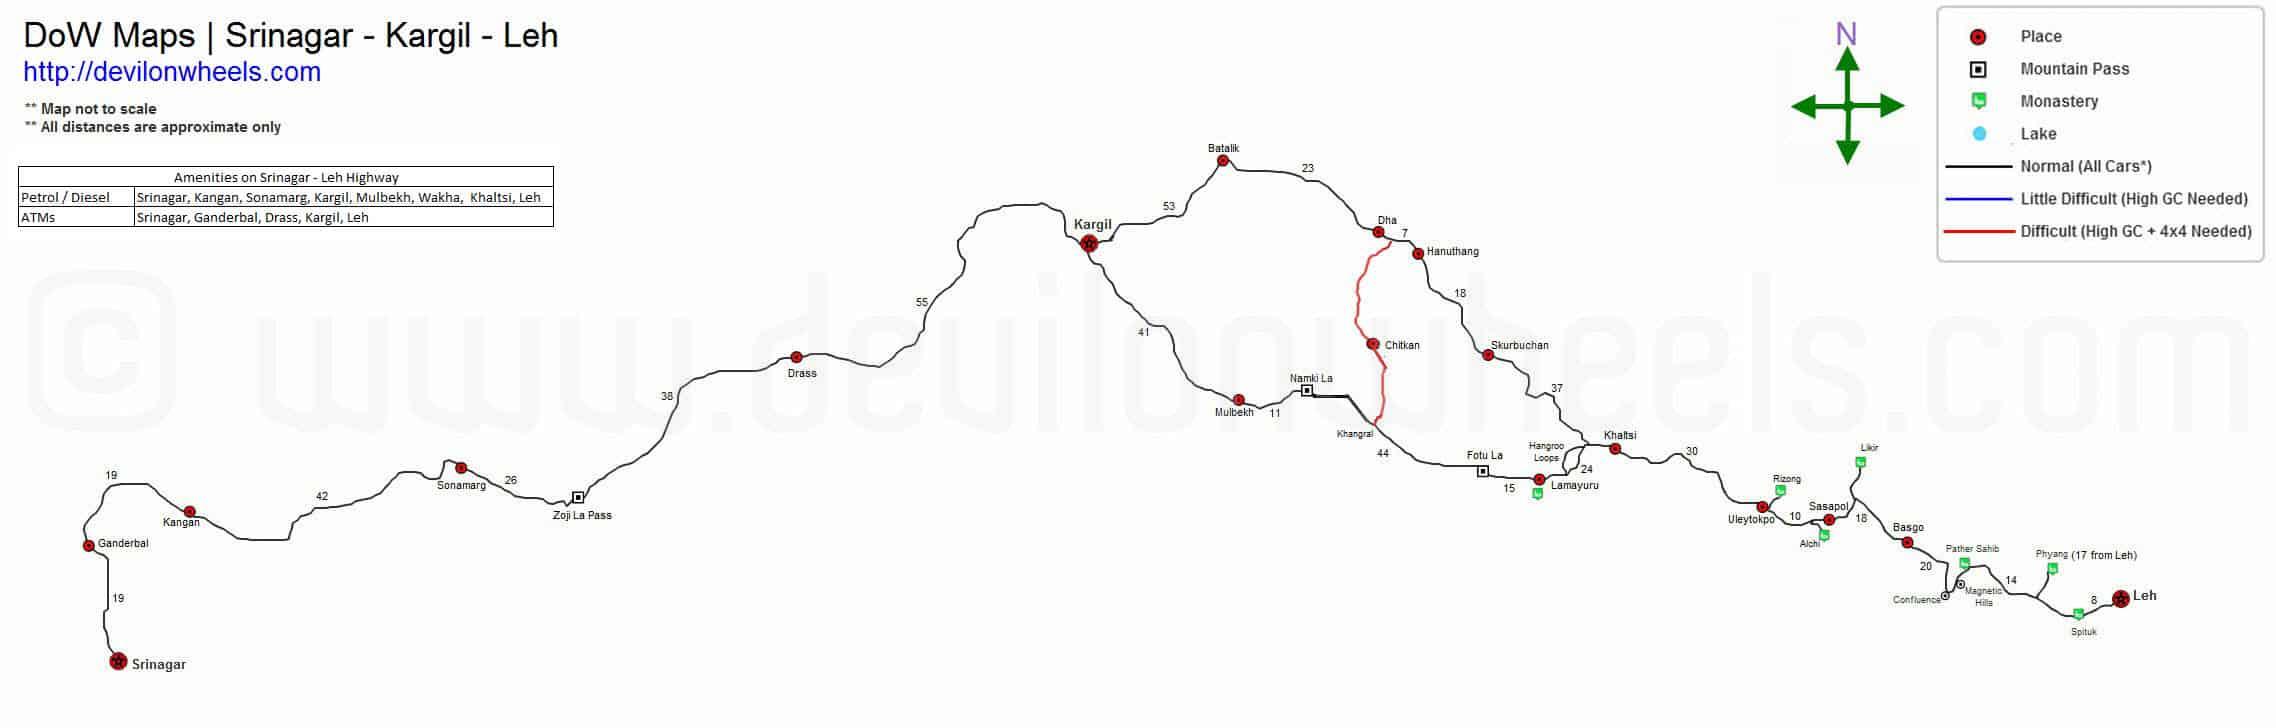 DoW – Maps of Ladakh   Srinagar - Kargil - Leh